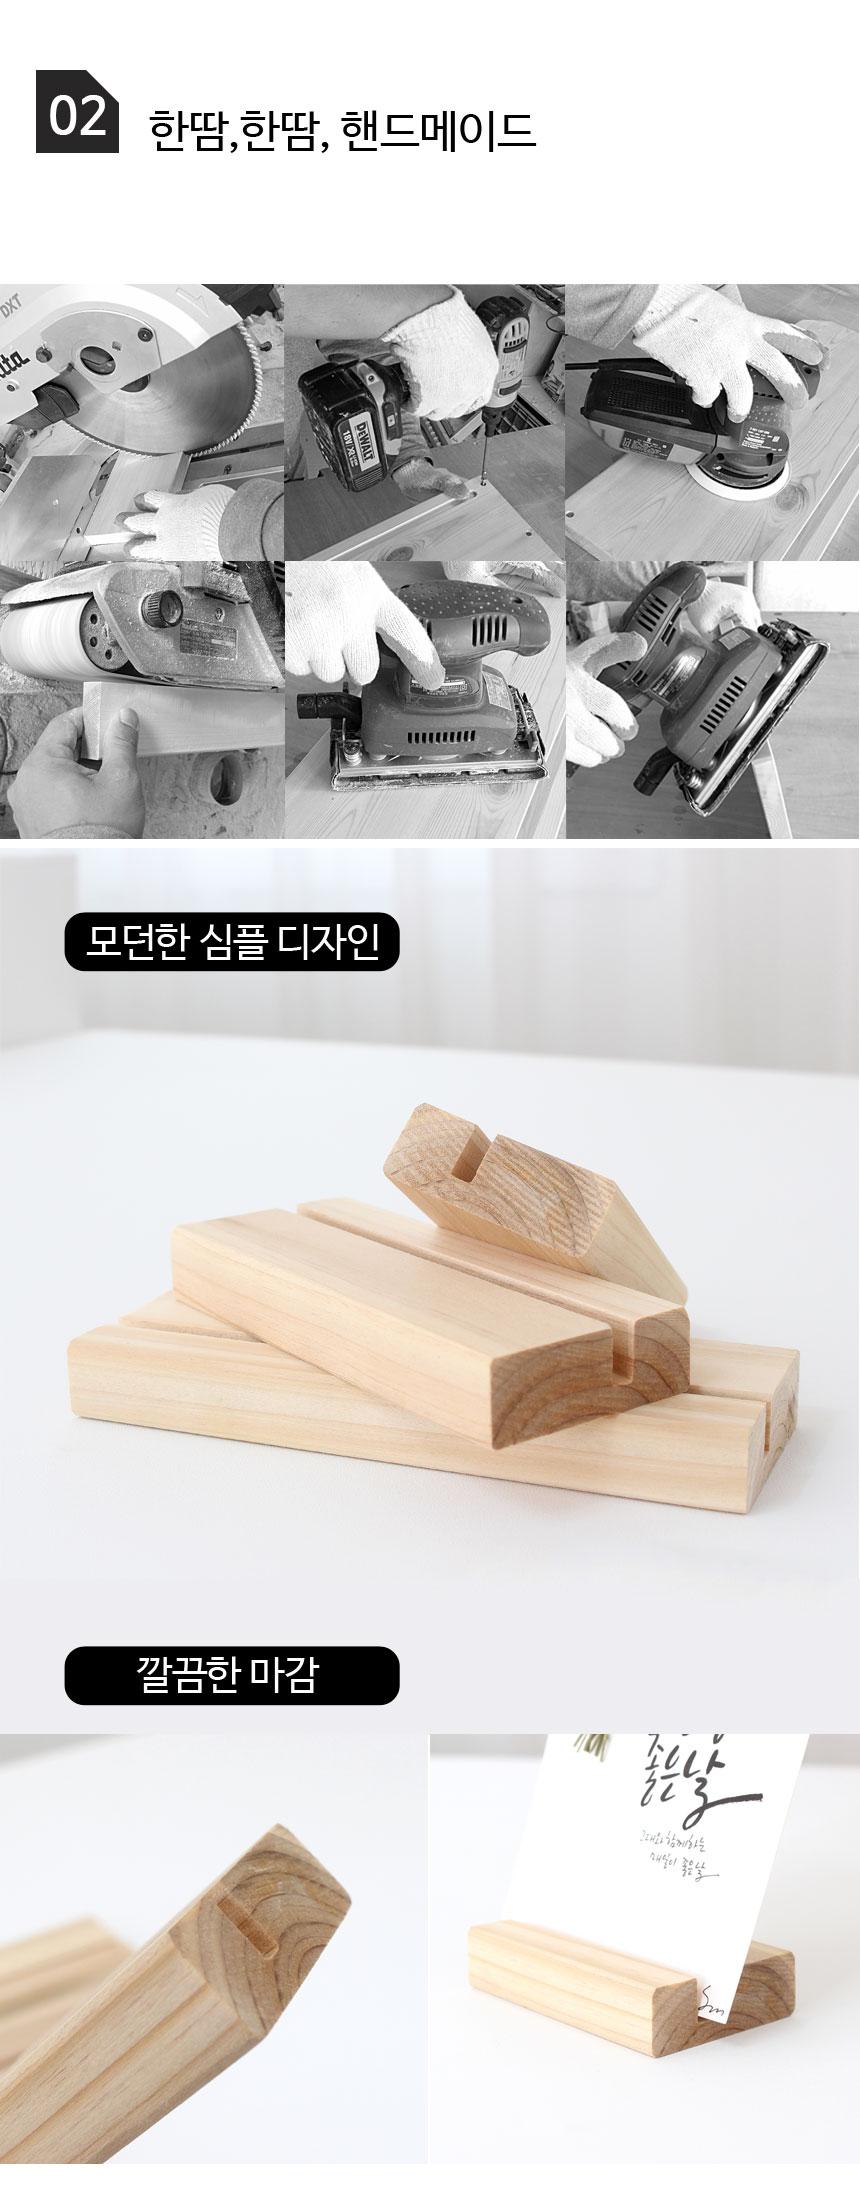 원목 명함꽂이 (중) - 스토니처, 2,500원, 데스크정리, 명함/메모 홀더